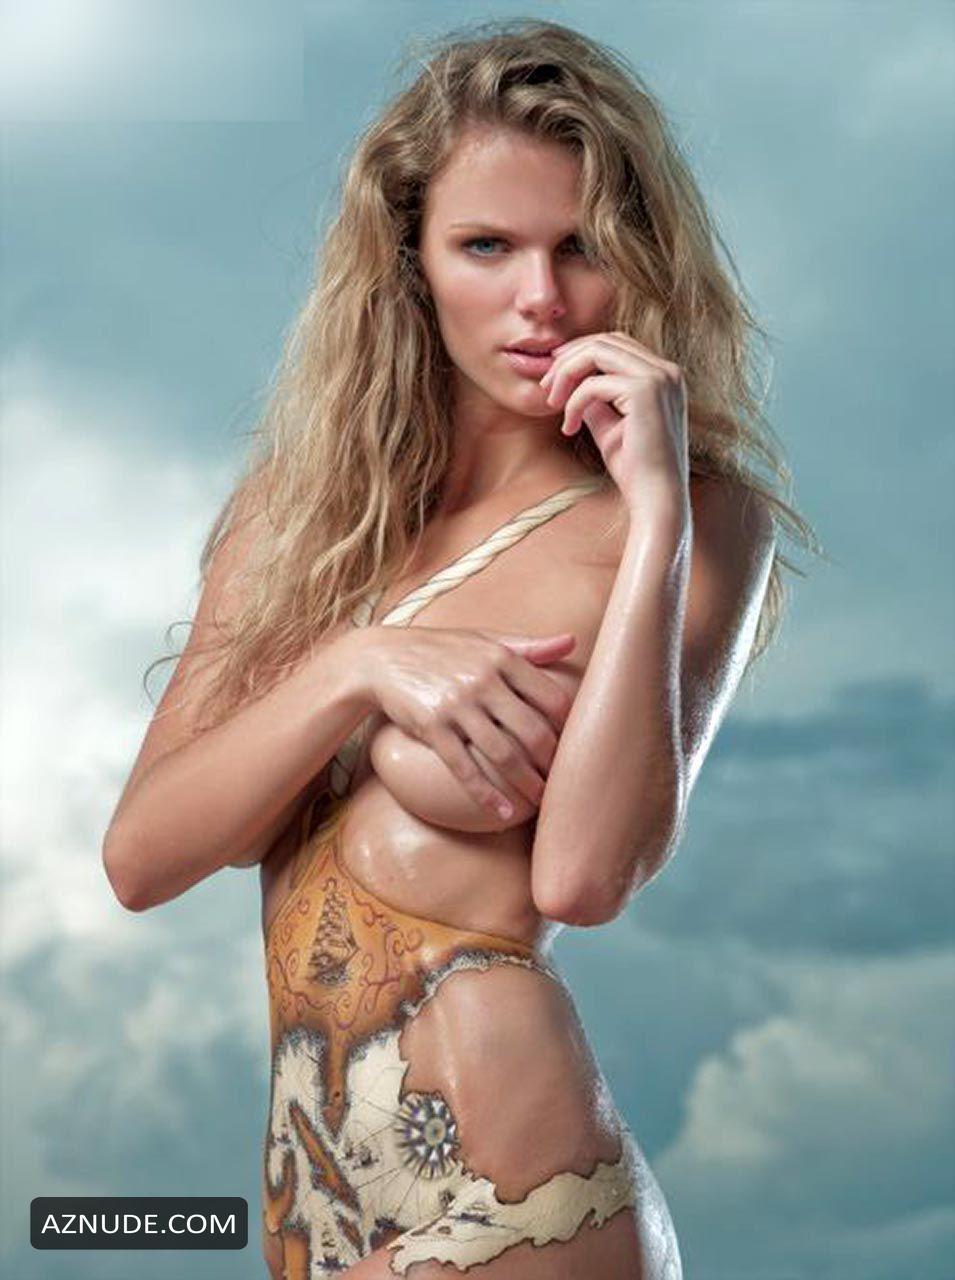 Naked brooklyn decker Brooklyn Decker